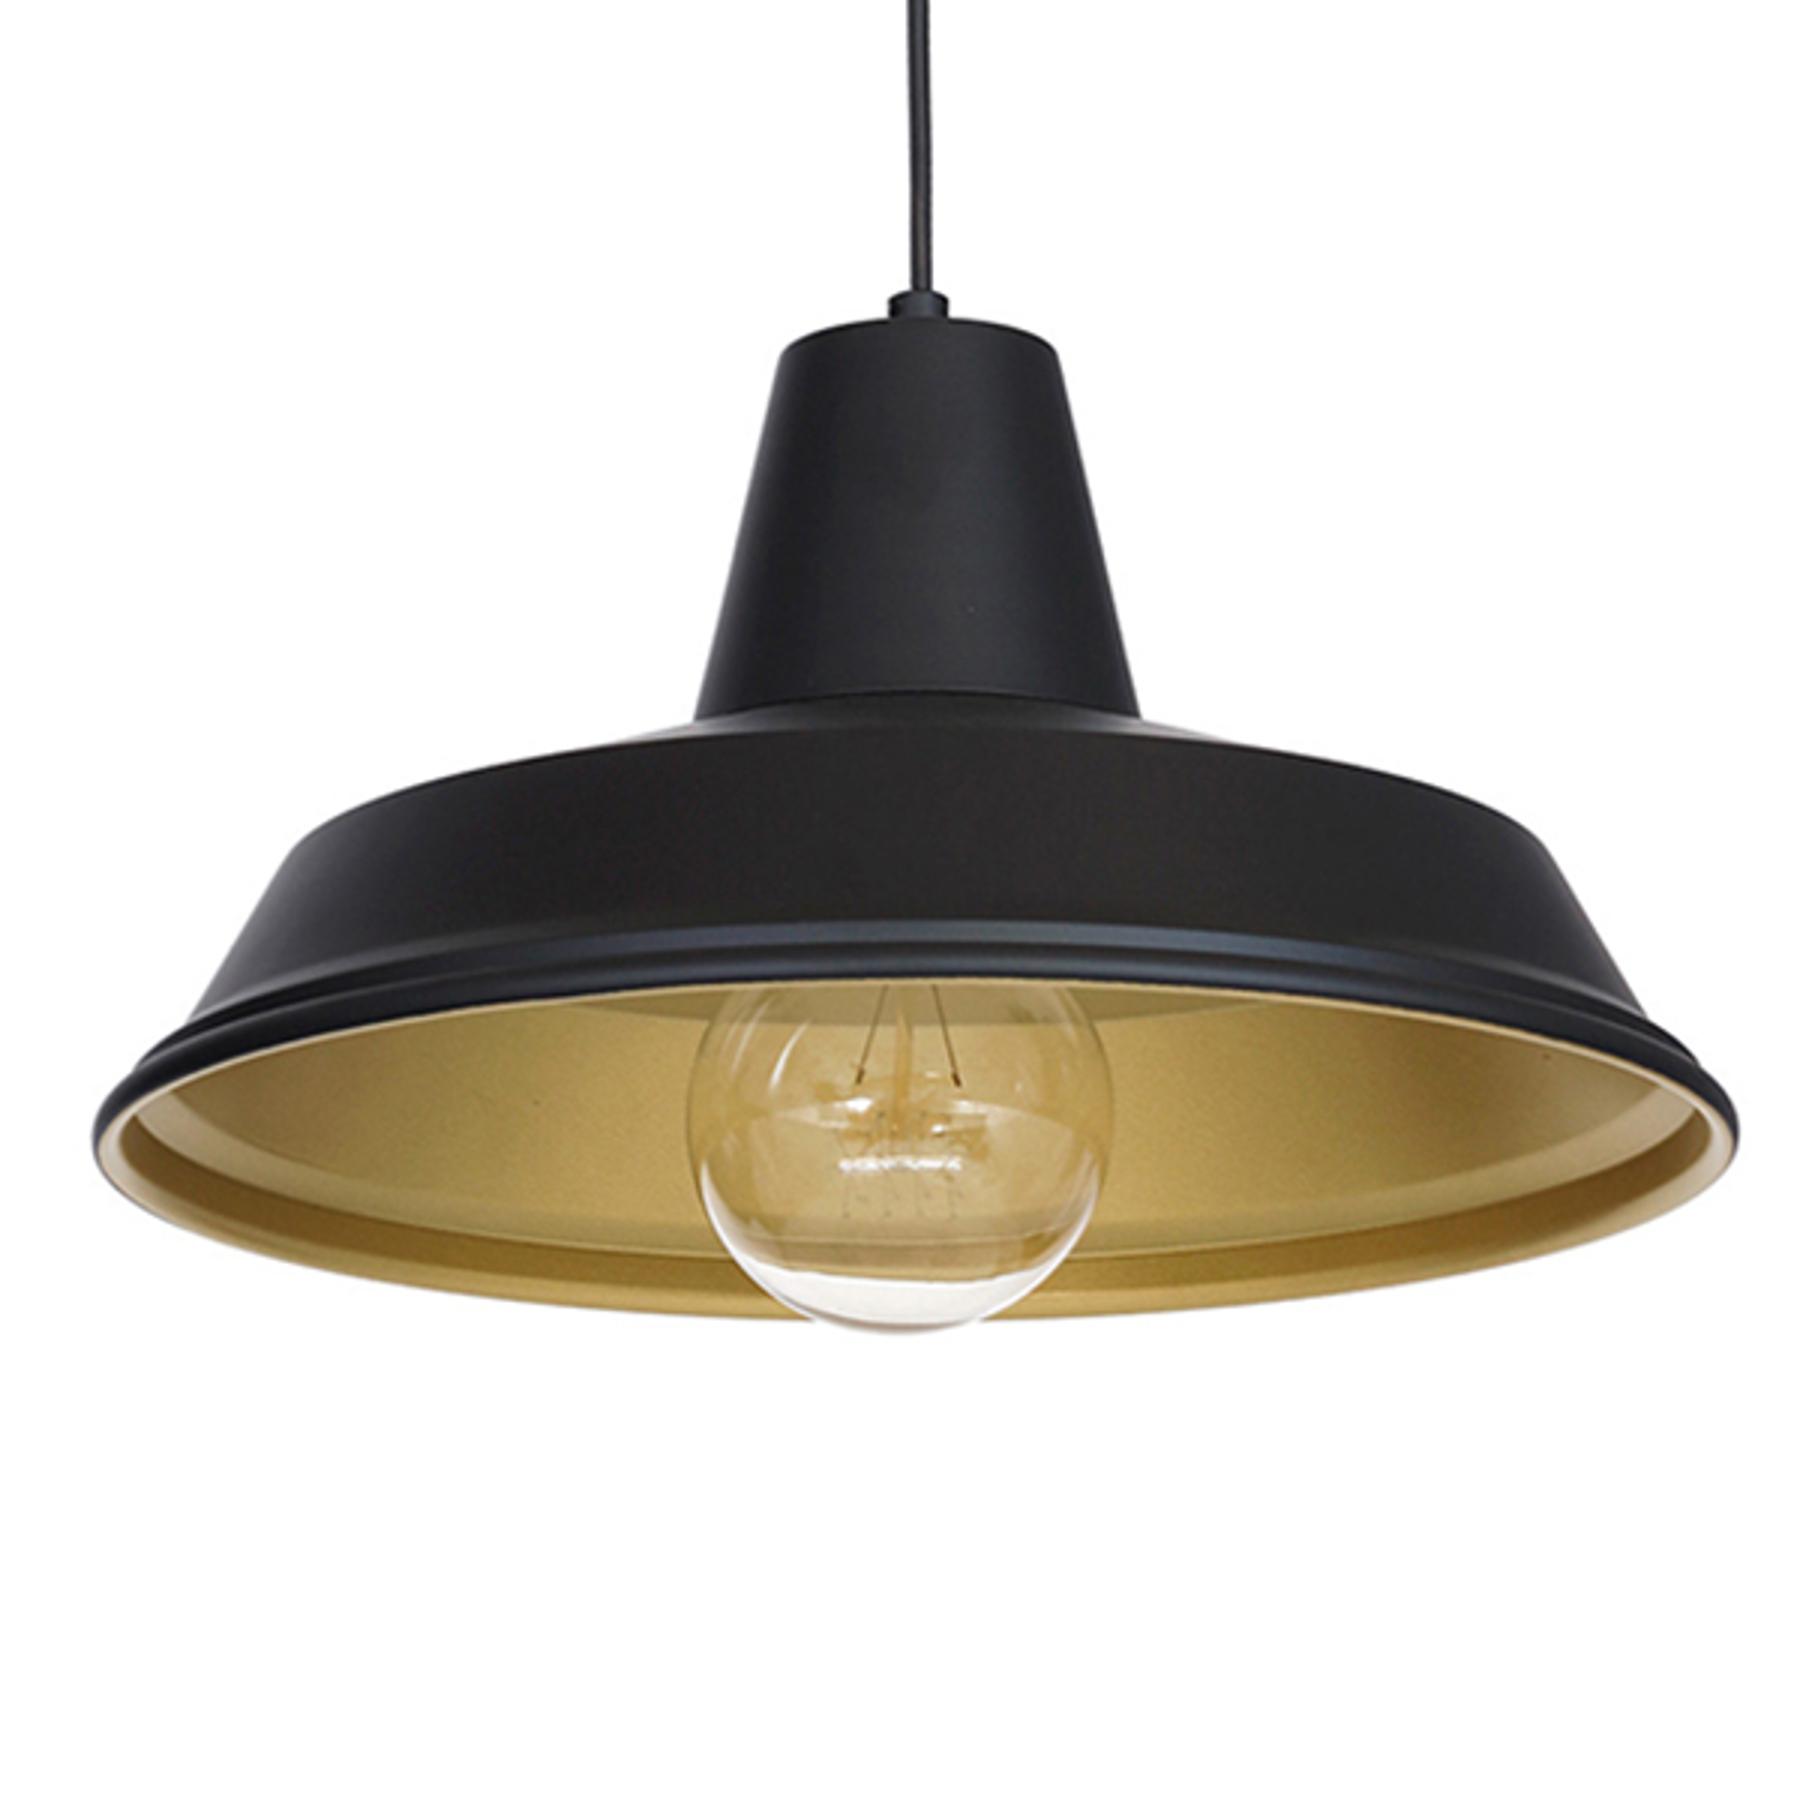 Hanglamp Class, zwart/goud